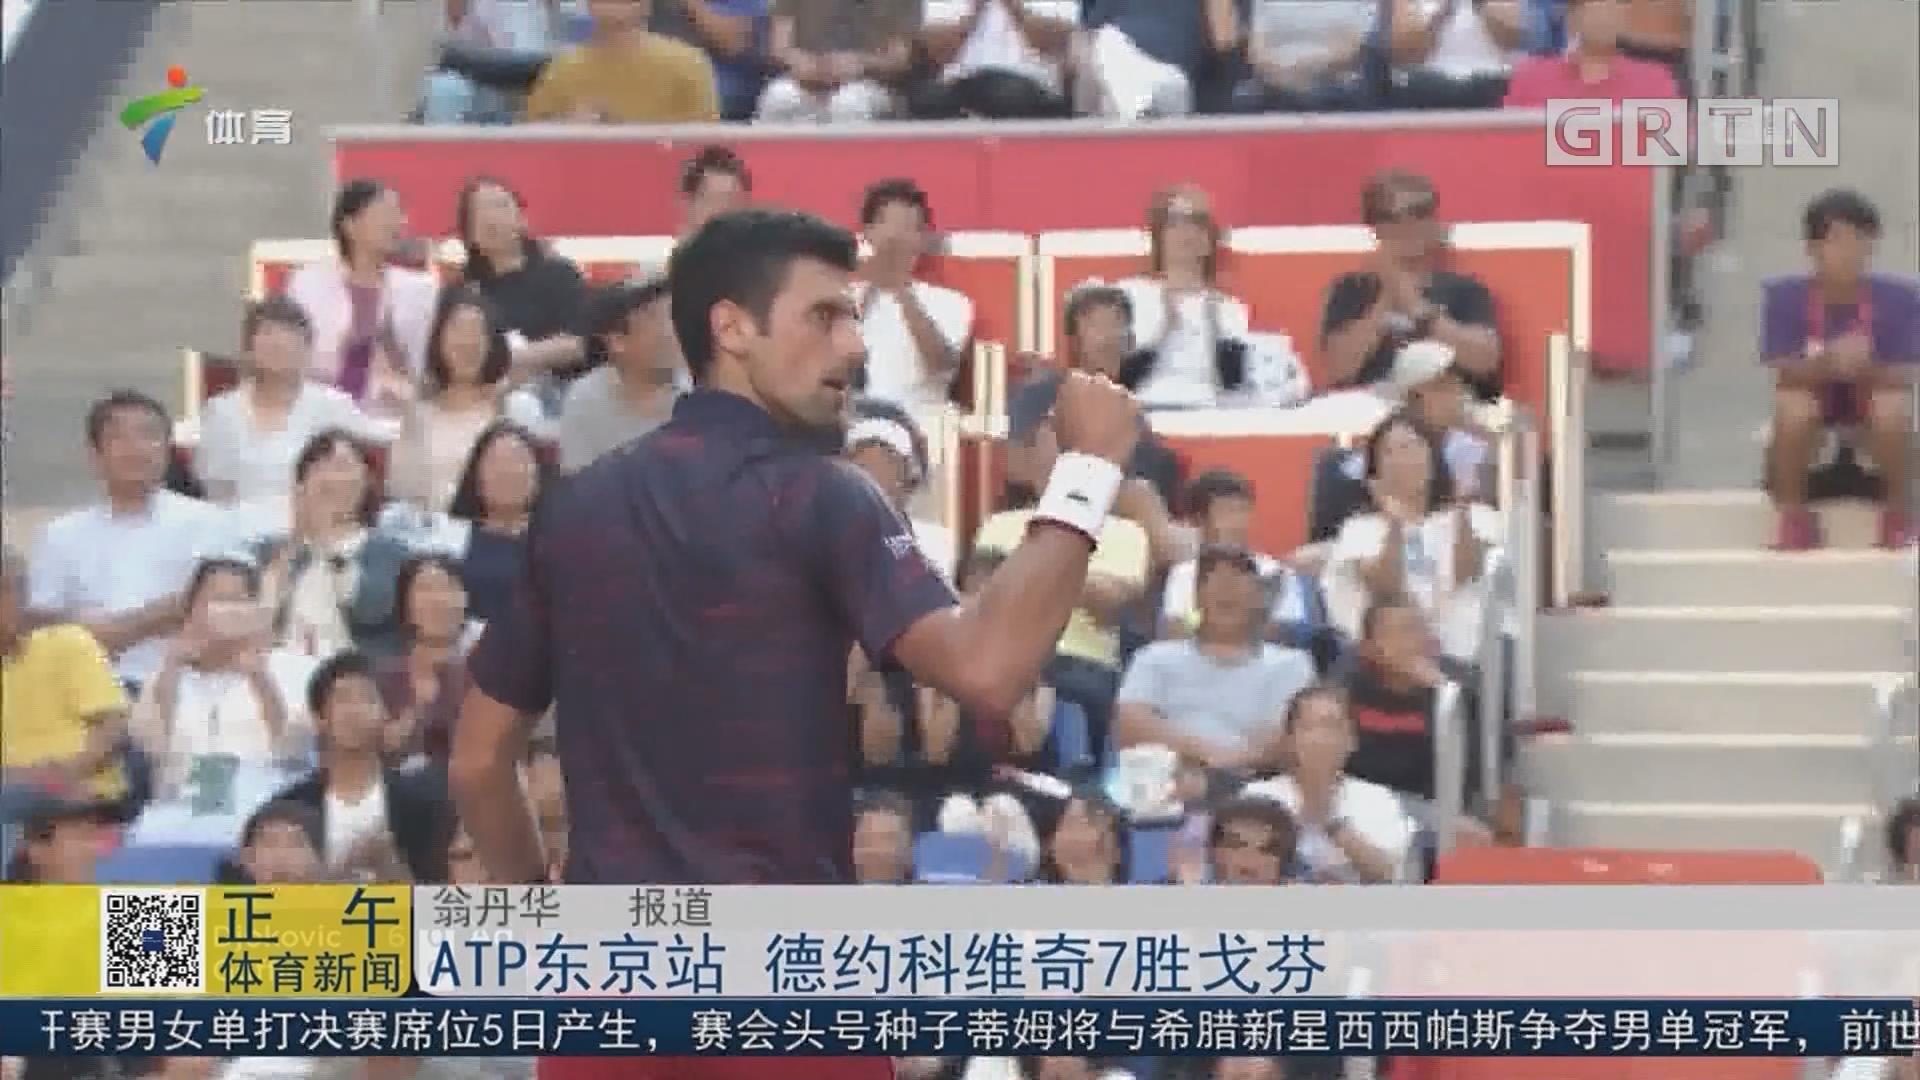 ATP东京站 德约科维奇7胜戈芬